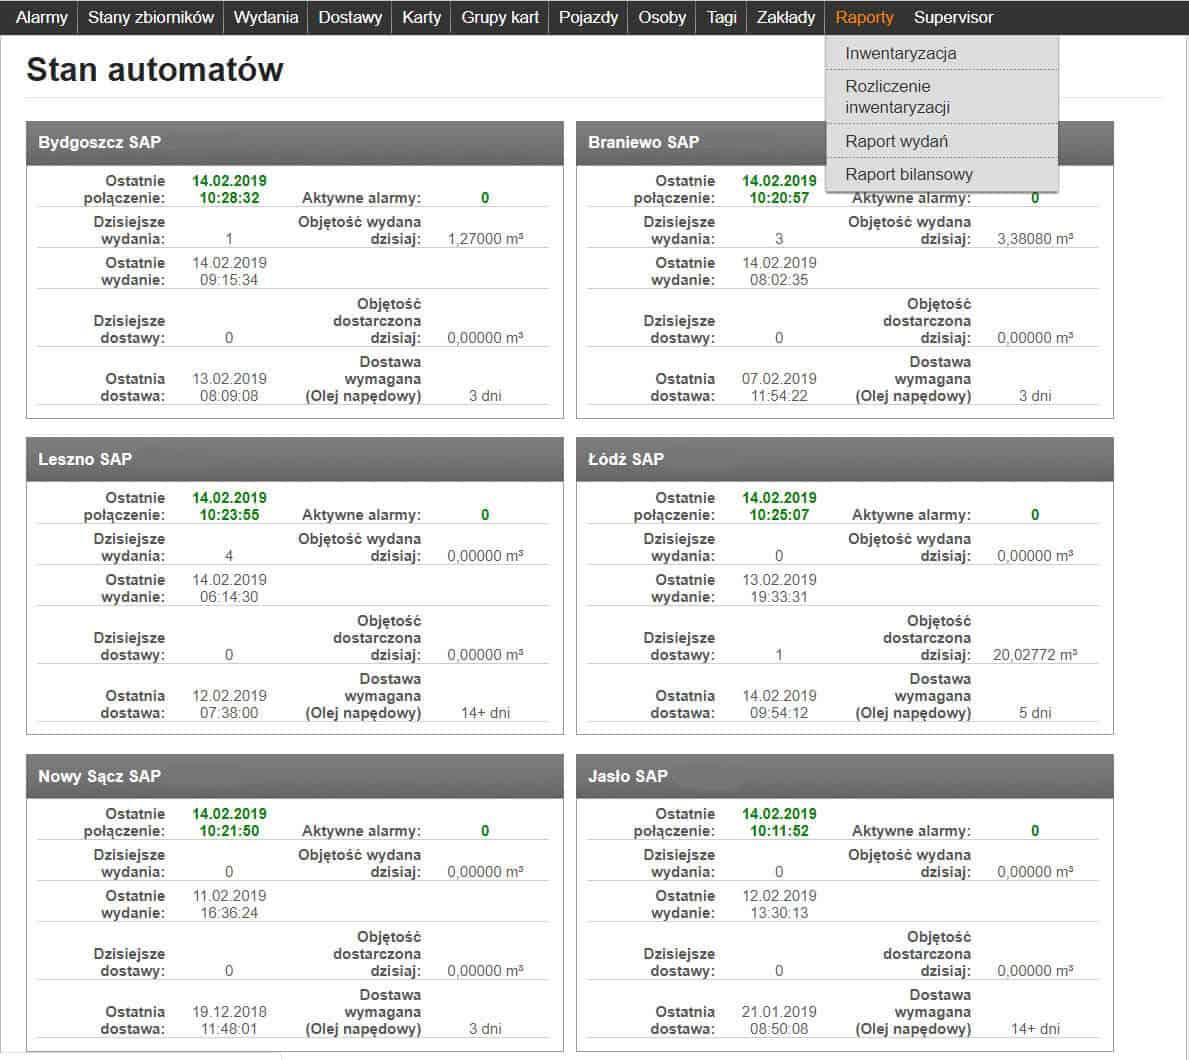 Opis stanu automatów tankujących